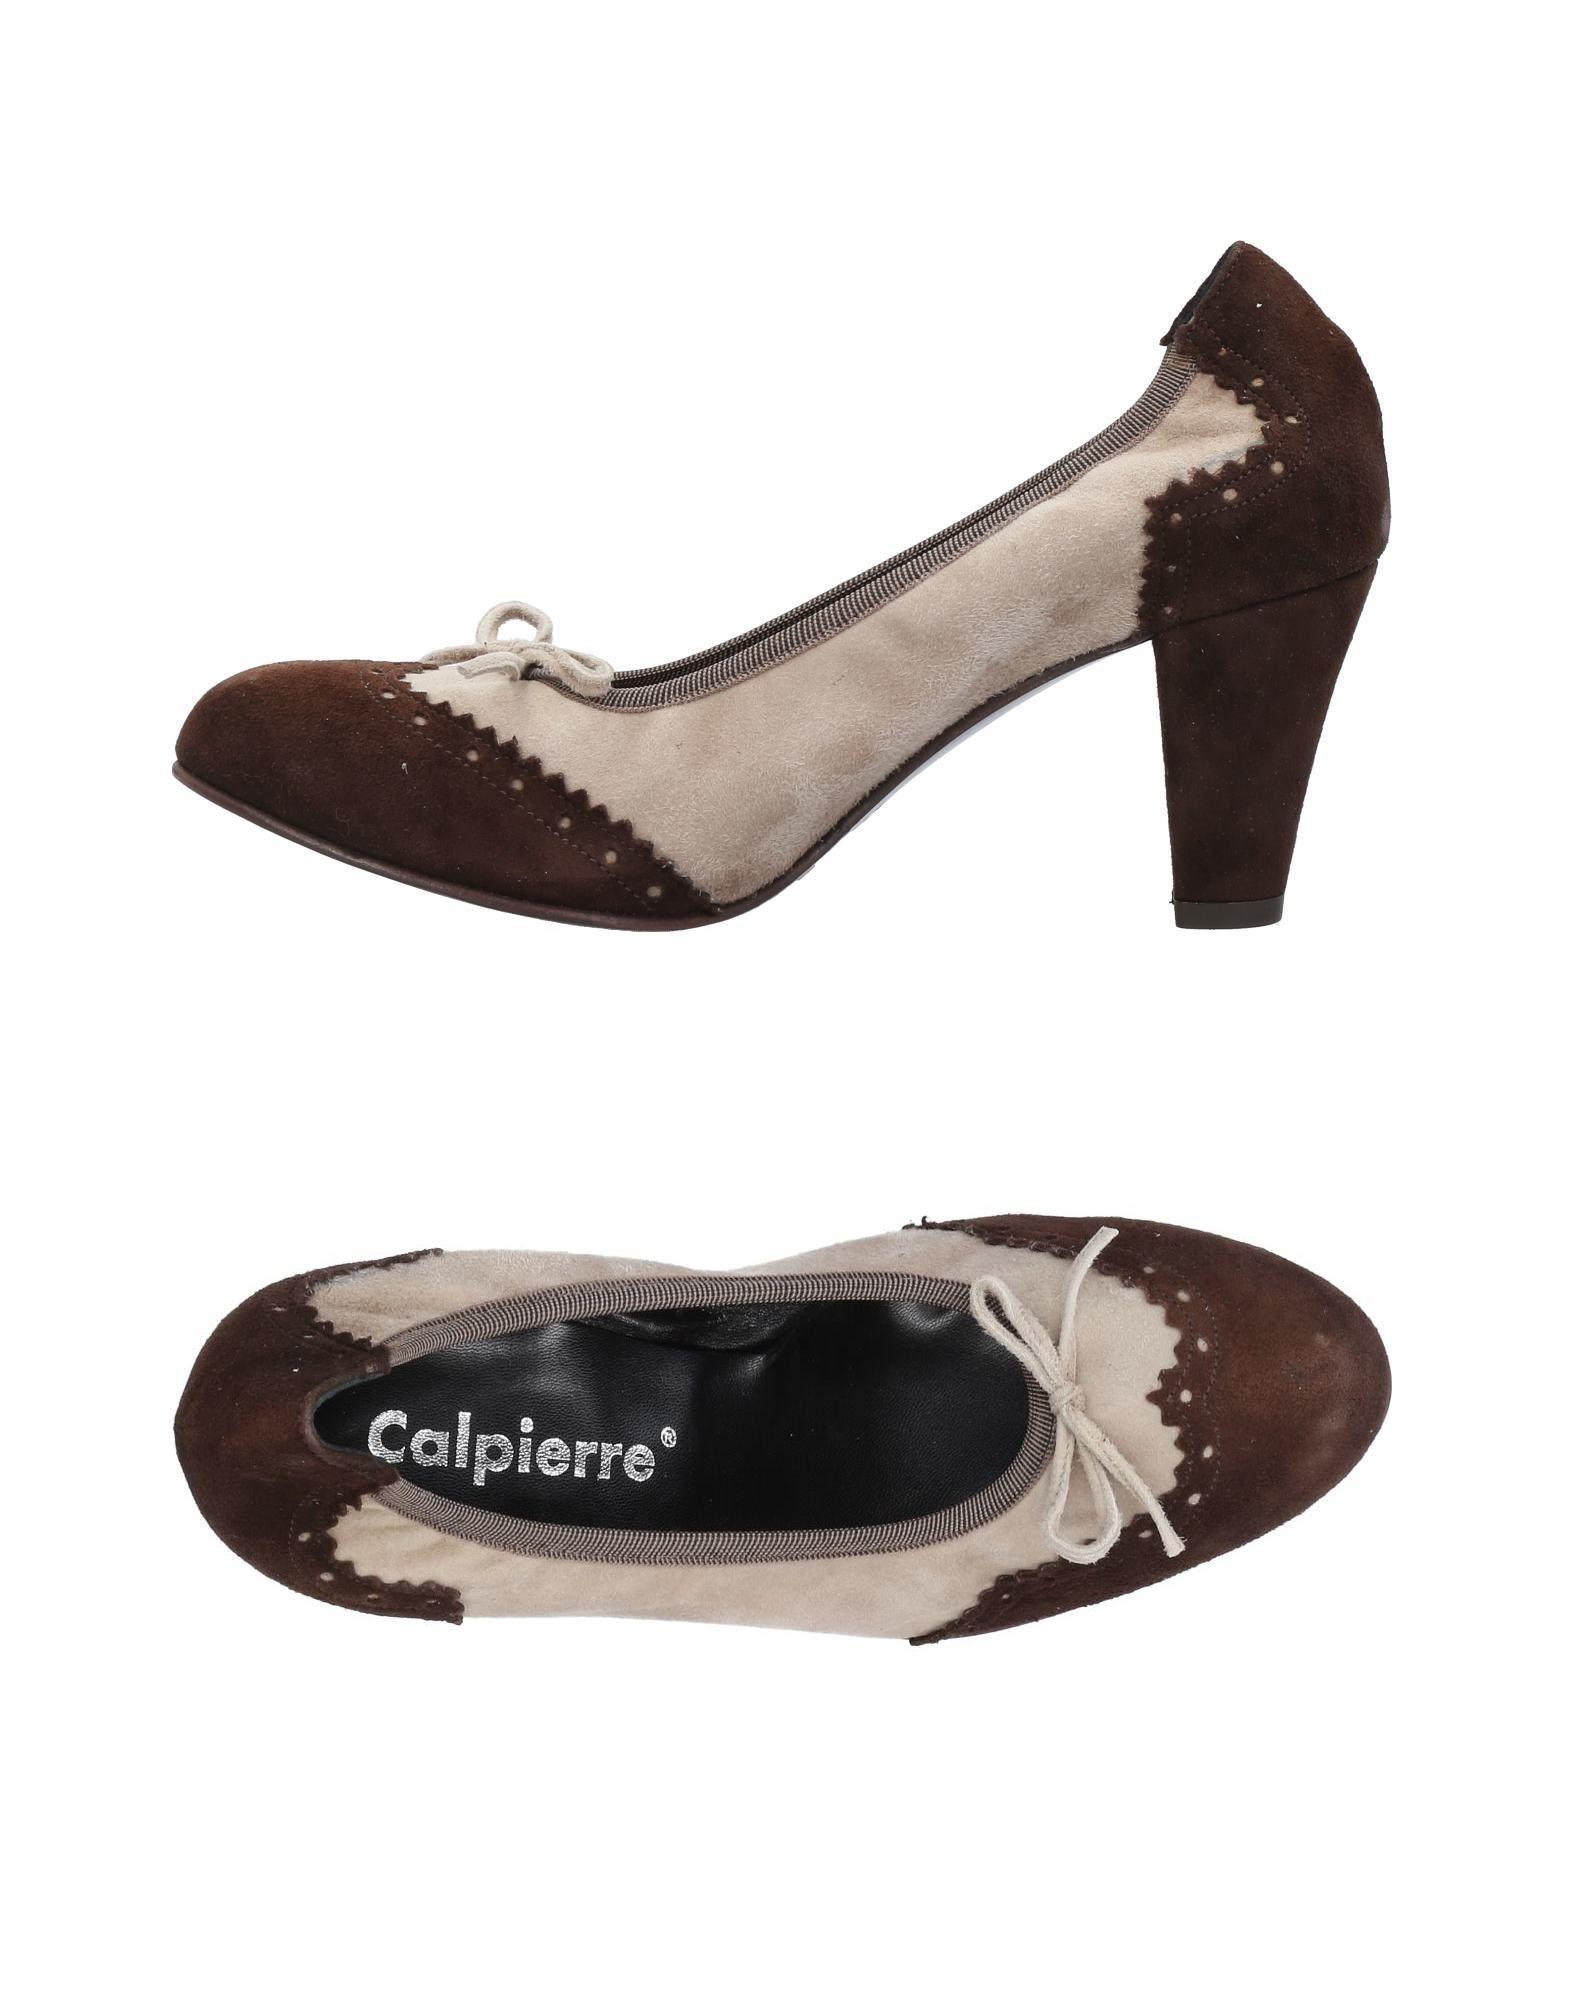 Calpierre 11461371CS Pumps Damen  11461371CS Calpierre Gute Qualität beliebte Schuhe 4d1629